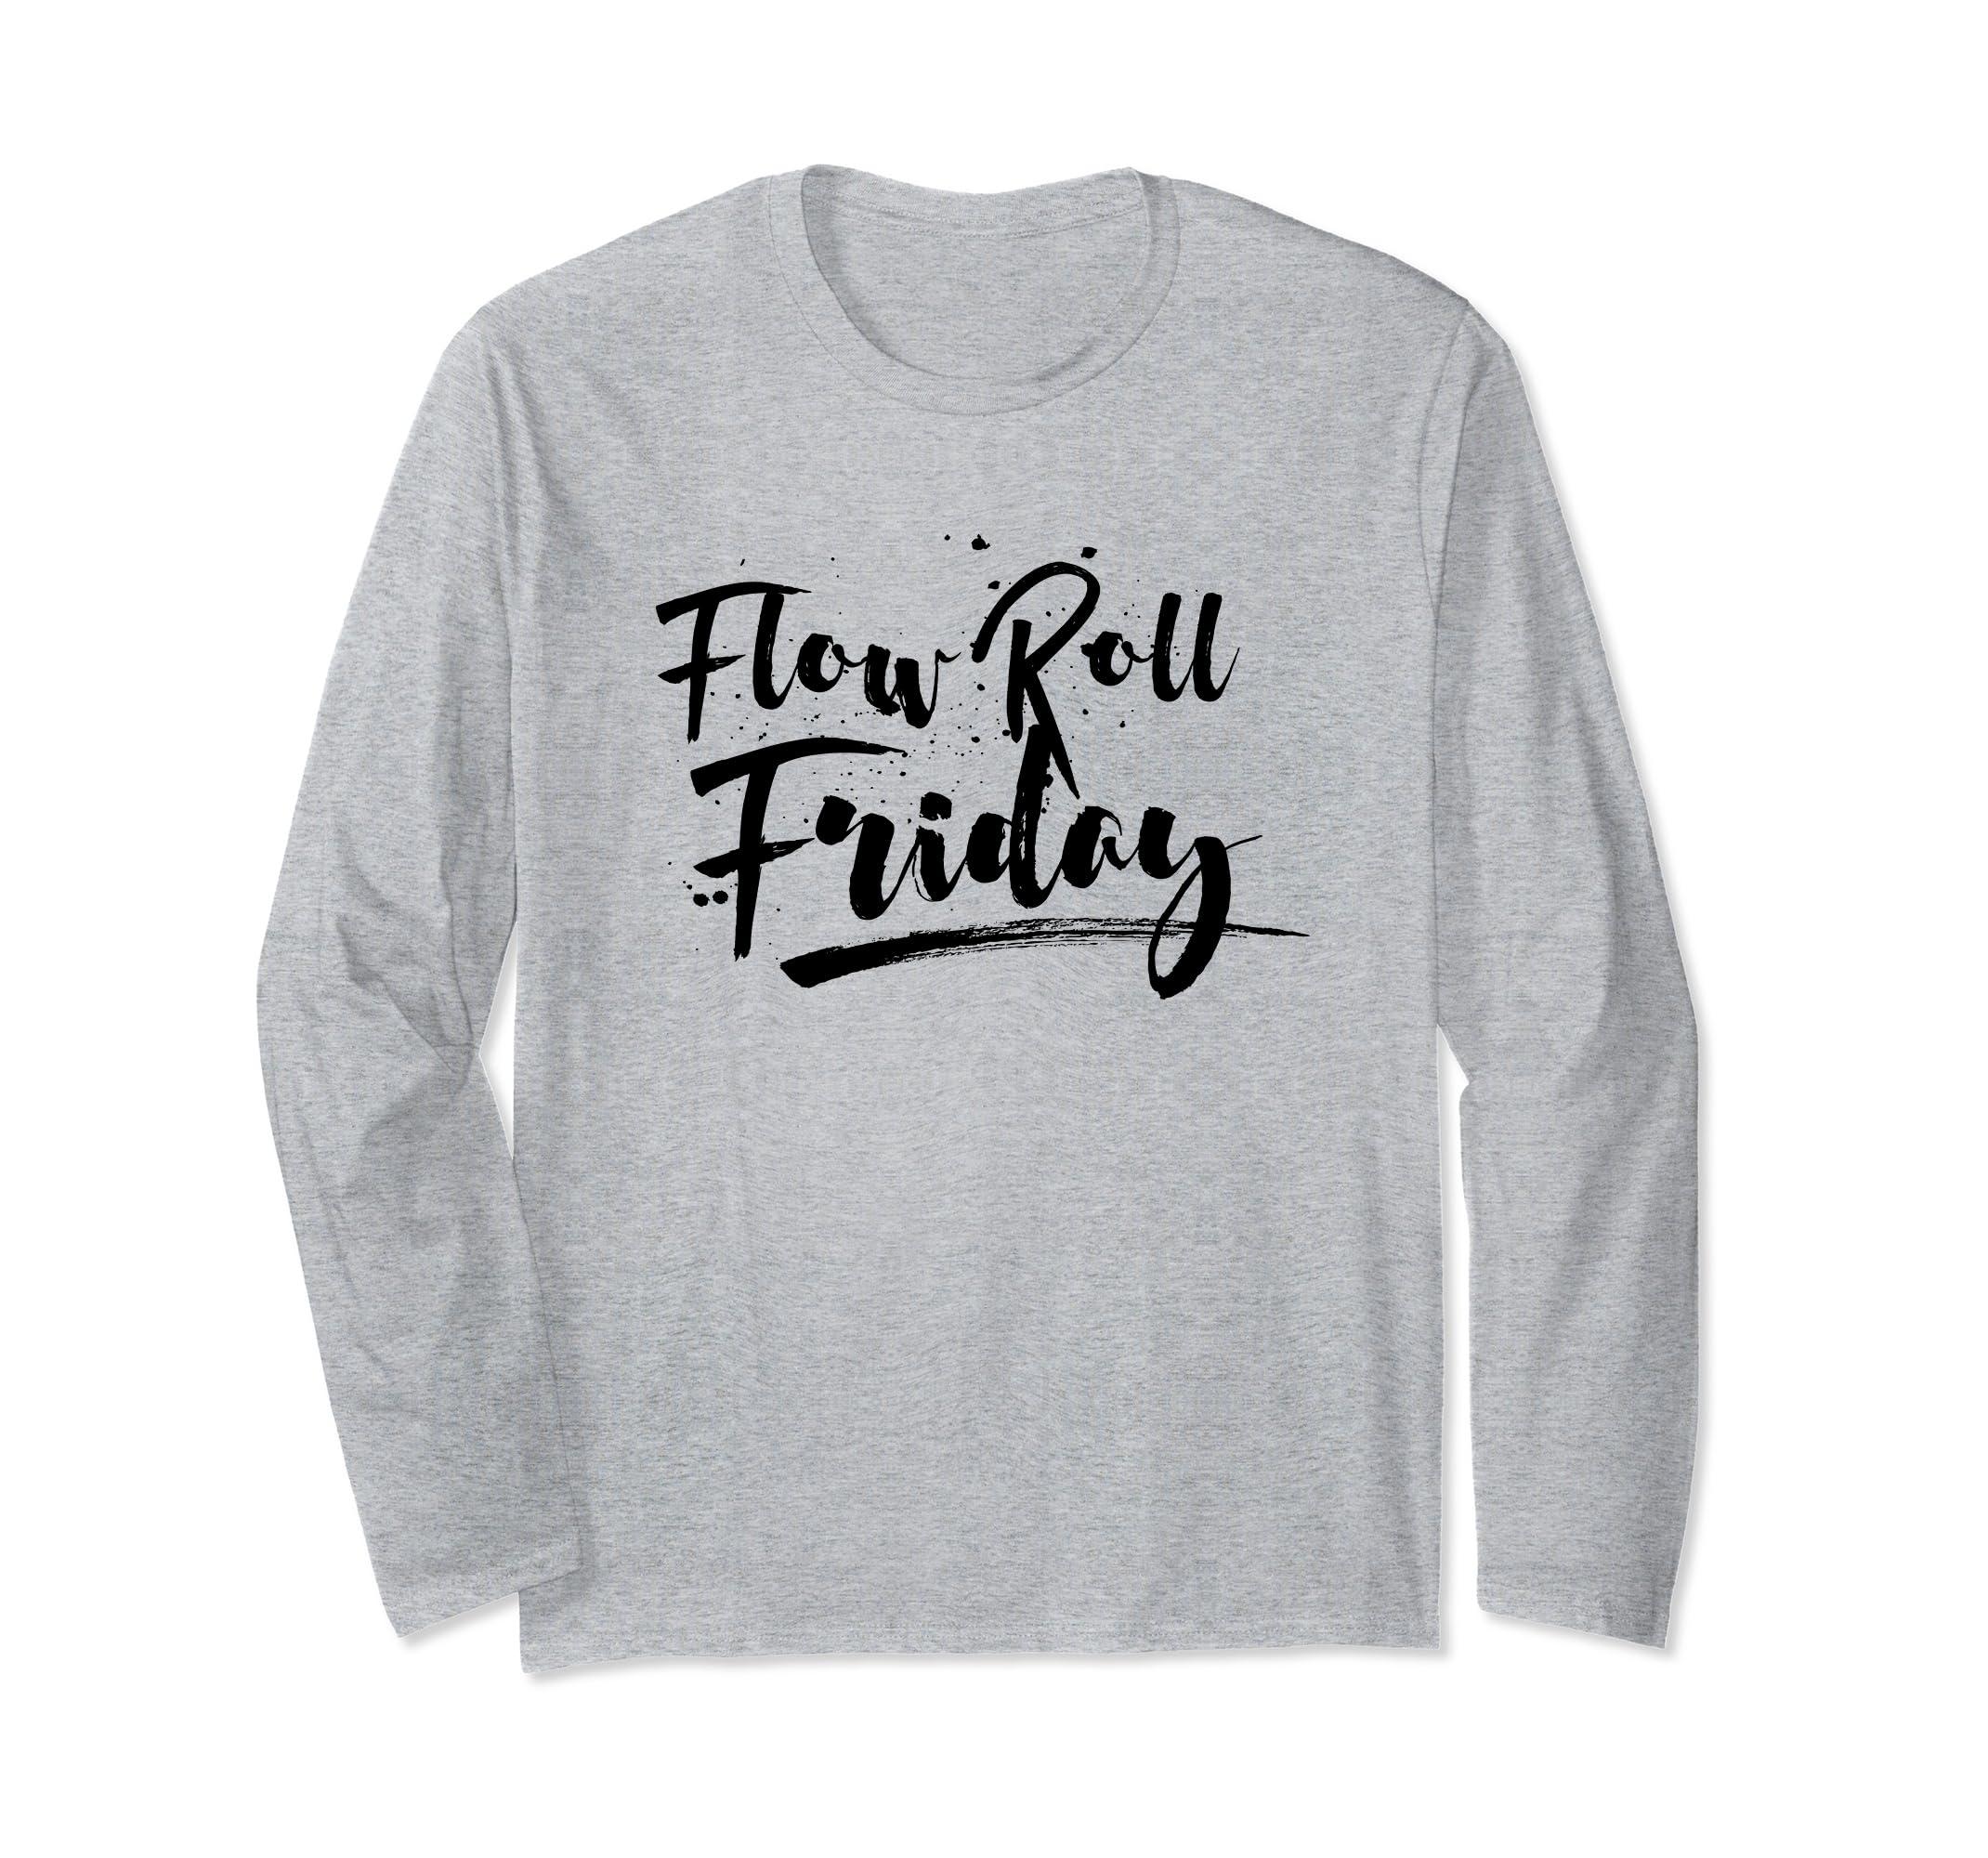 BJJ Brazilian Jiu Jitsu Flow Roll Friday Long Sleeve Shirt-ln